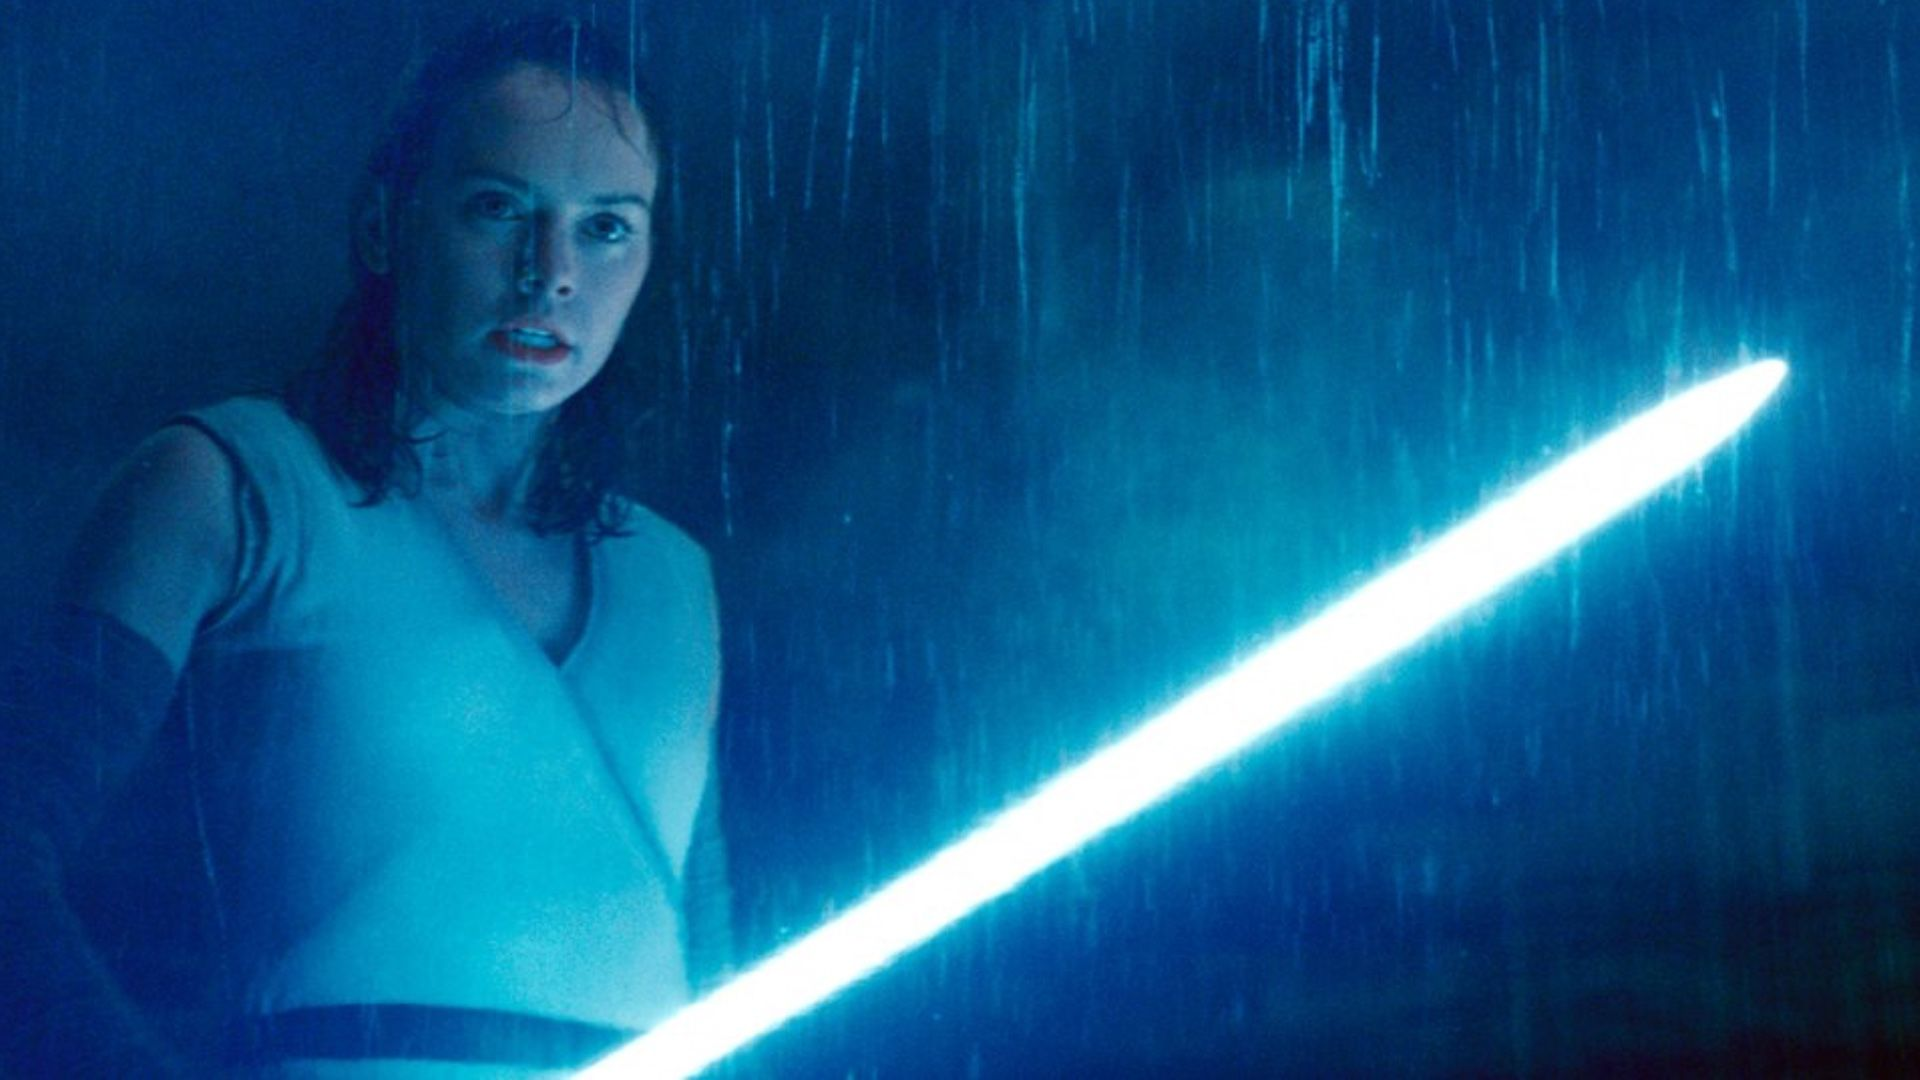 Star Wars Episodio IX titulo trailer fecha - Star Wars 9 pelicula titulo trailer